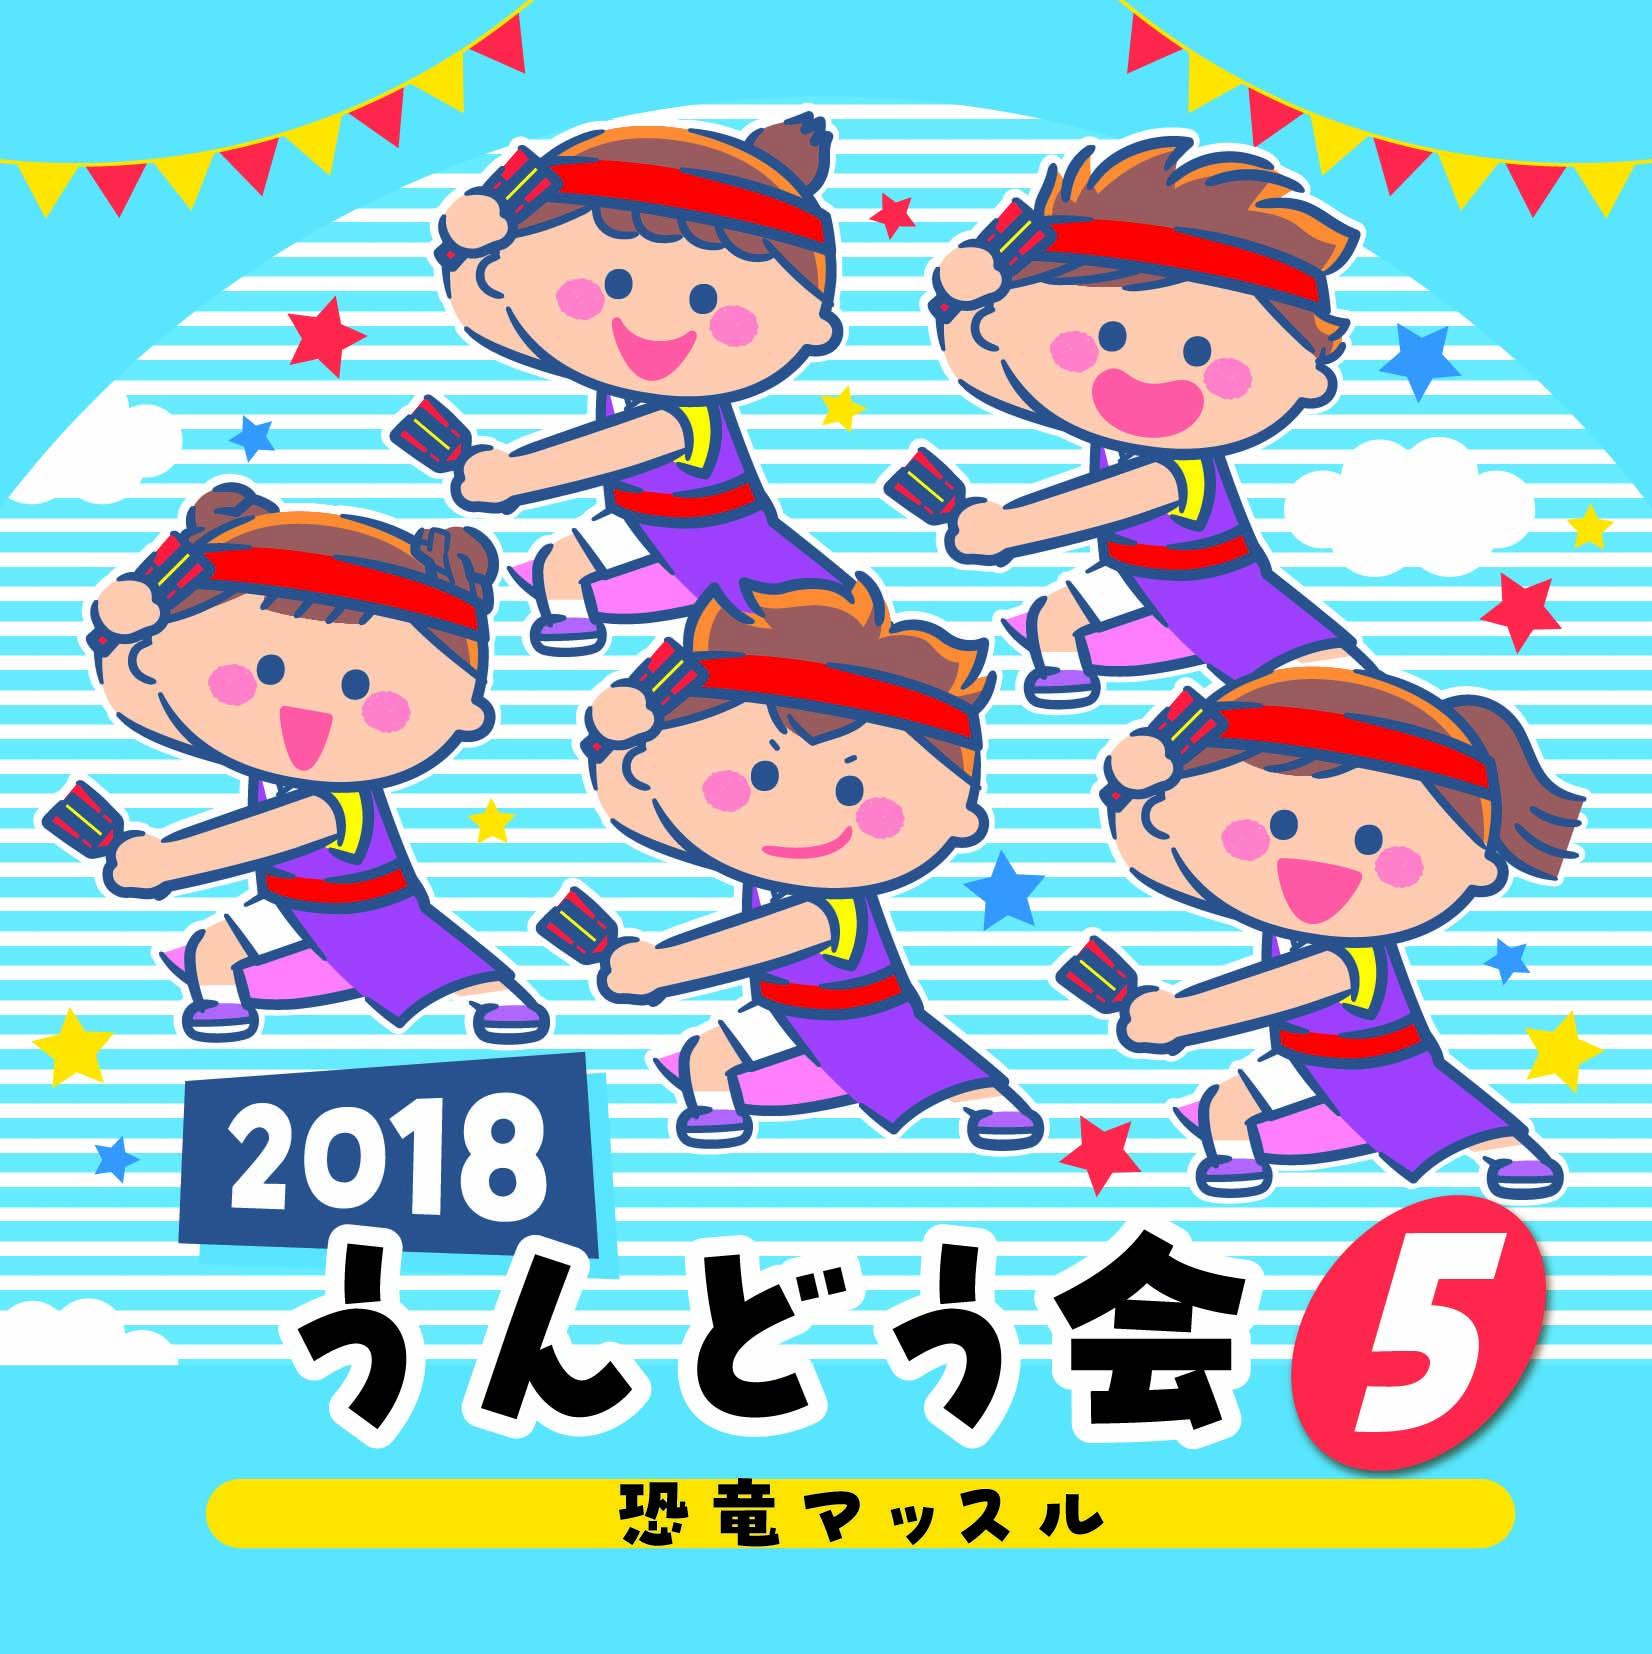 2018うんどう会(5)恐竜マッスル